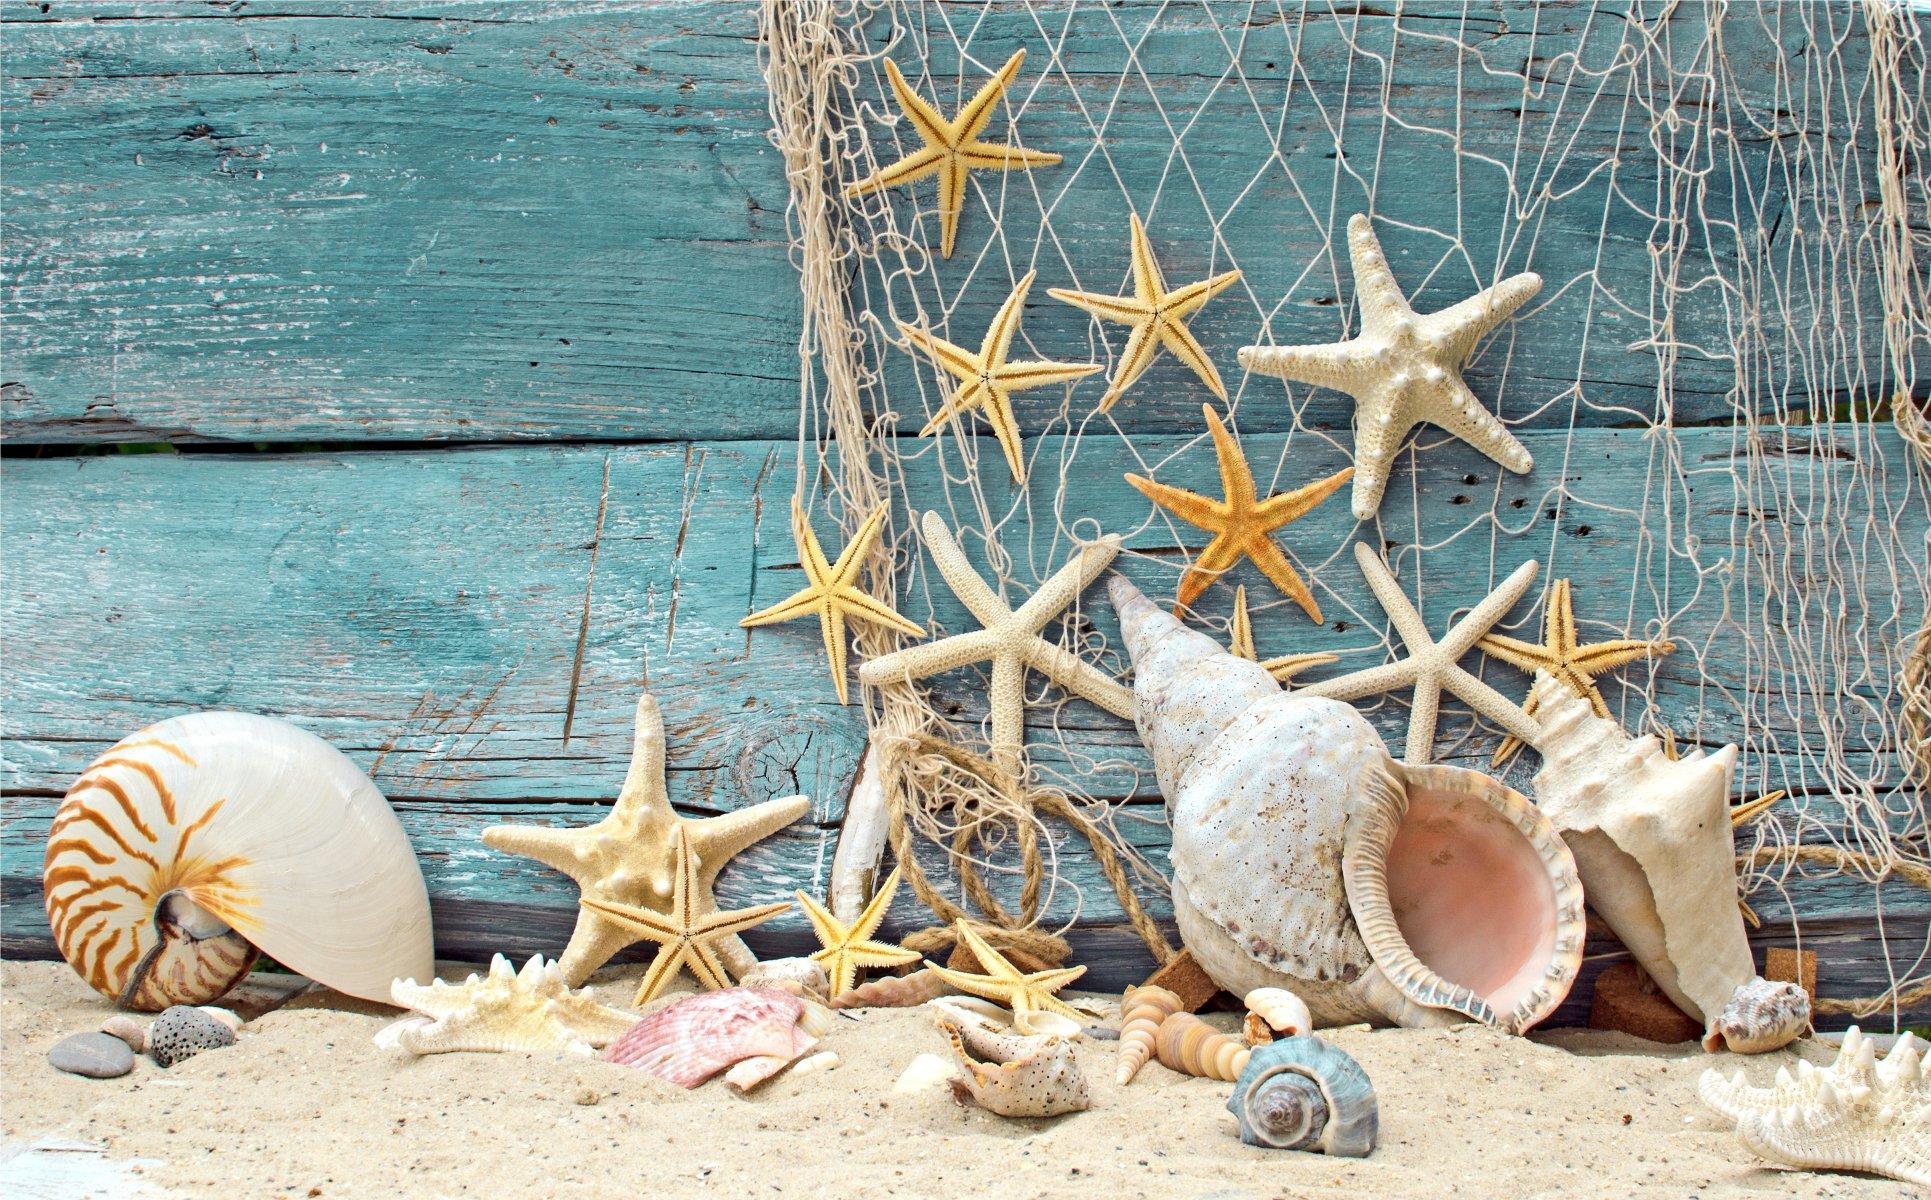 короче, картинки на телефон морская тематика подборка фото домов